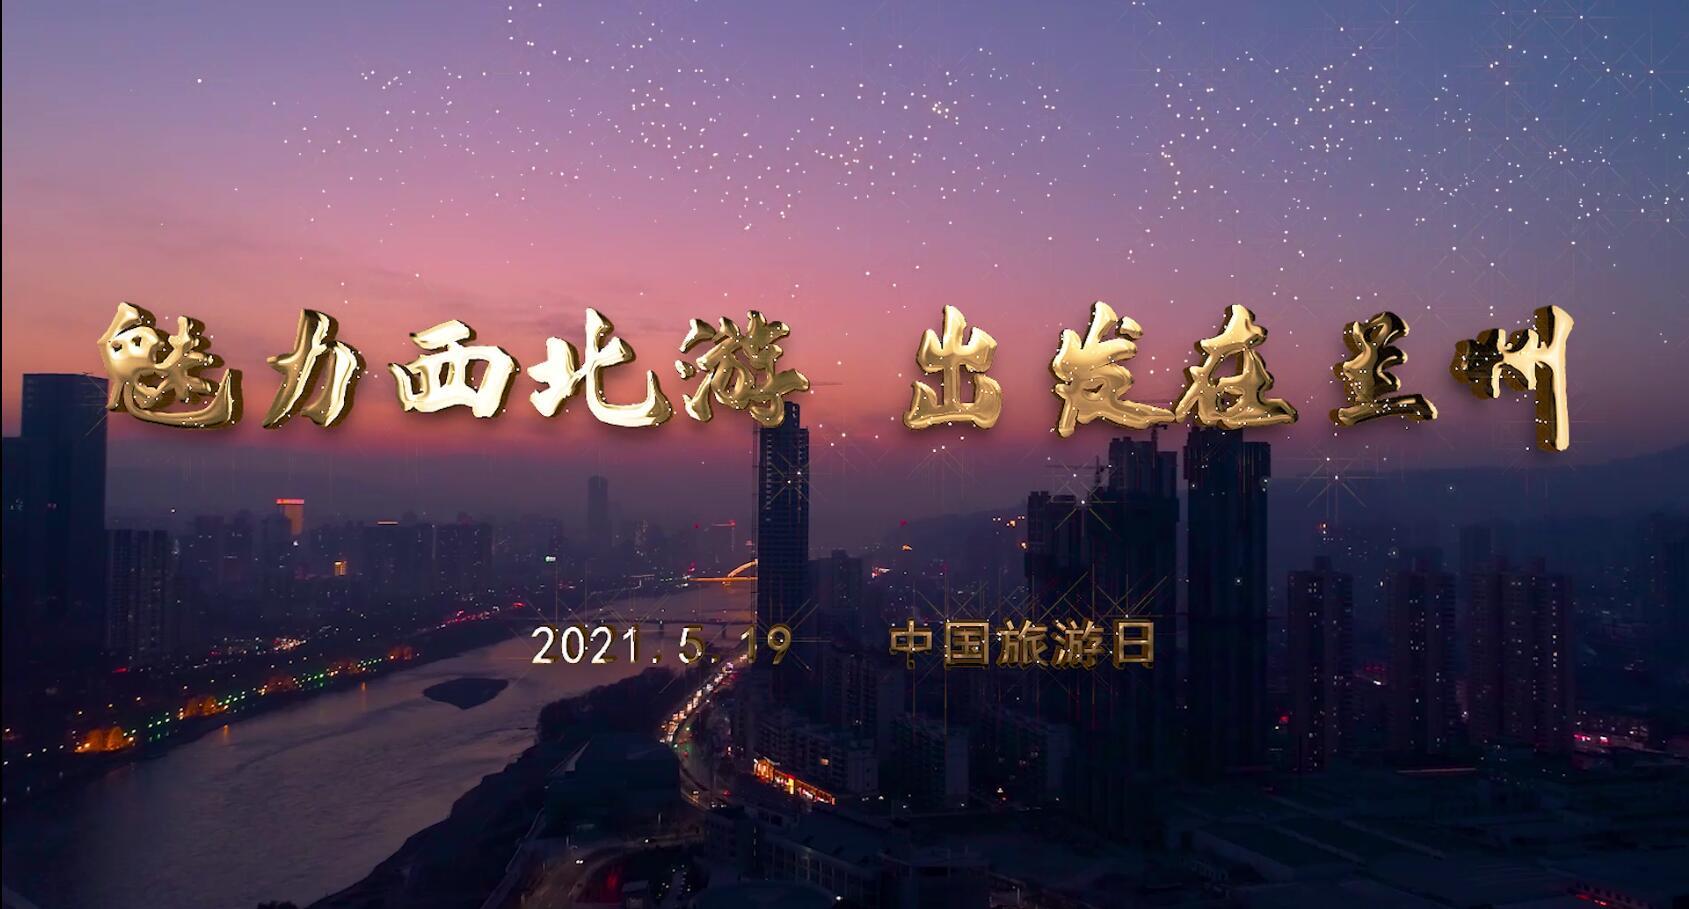 中国旅游日,1分钟带你看如意甘肃!